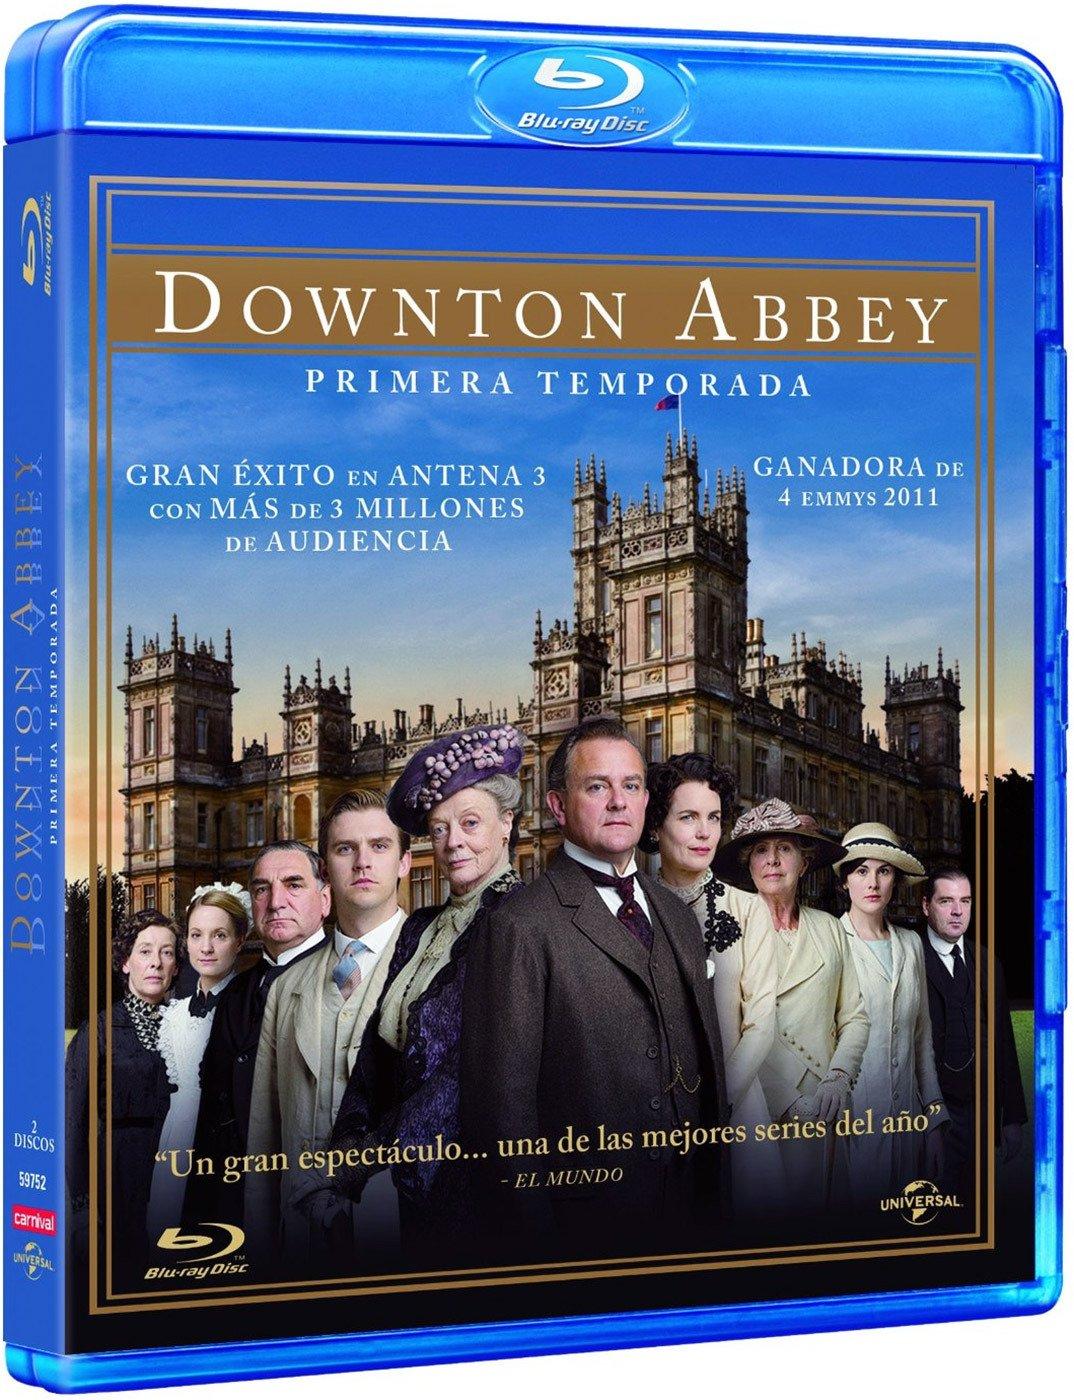 Downton Abbey - Temporada 1 [Blu-ray]: Amazon.es: Hugh ...